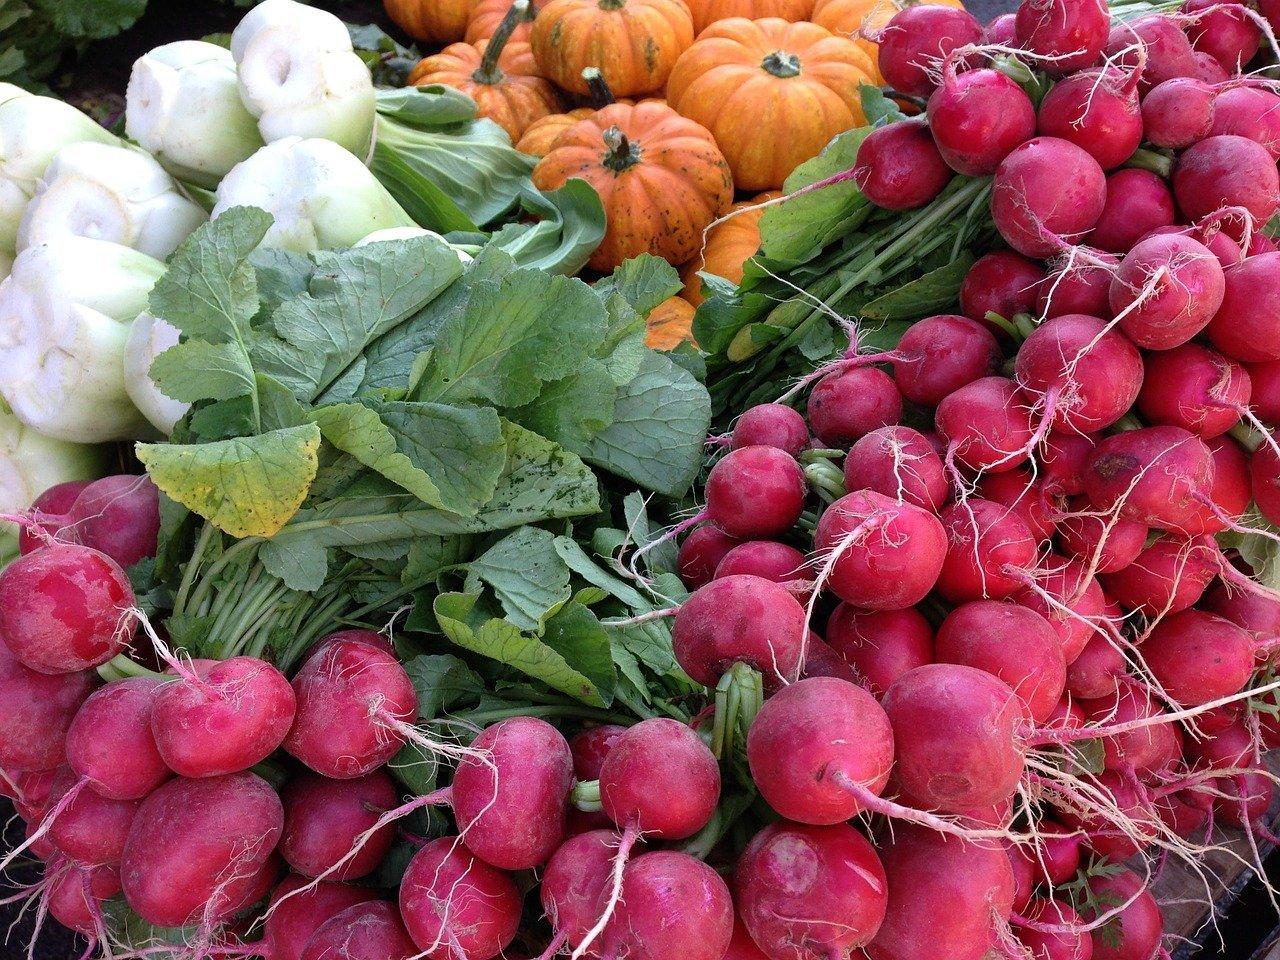 Frisches Gemüse - Nahrung in Rohkostqualität